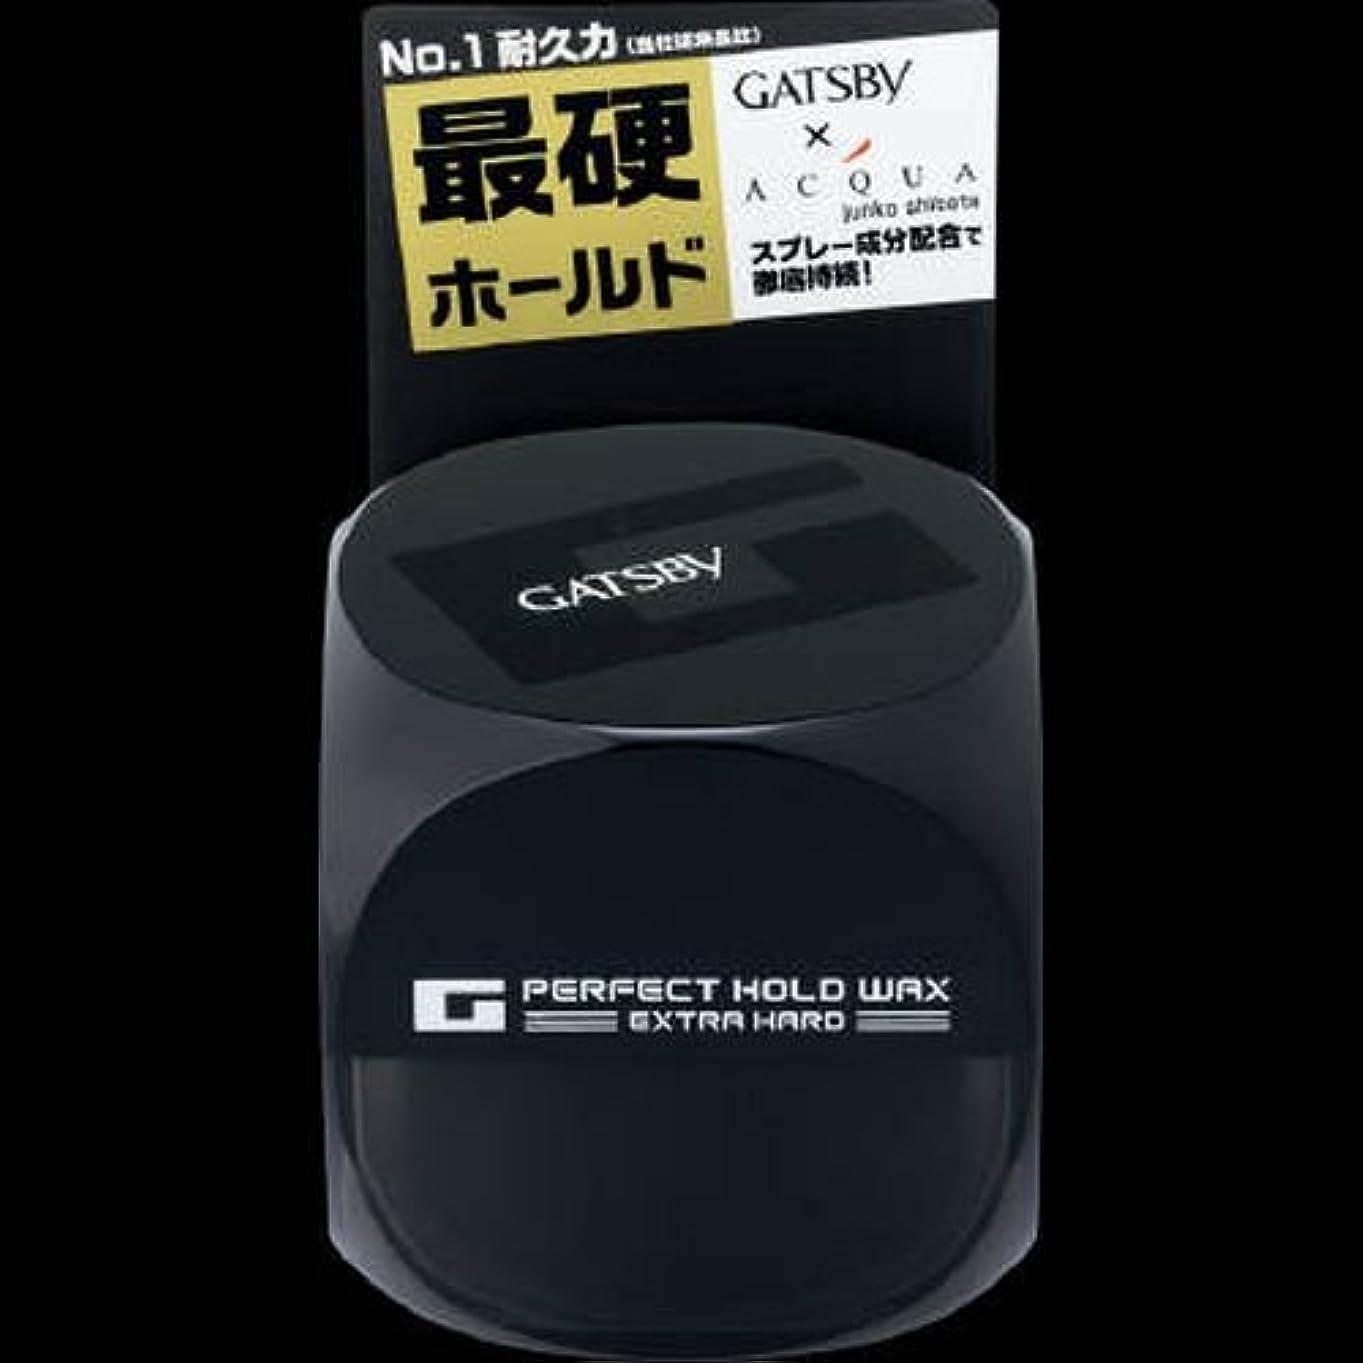 巨大なグリースセグメント【まとめ買い】GBパーフェクトホールドワックスエクストラハード 60g ×2セット